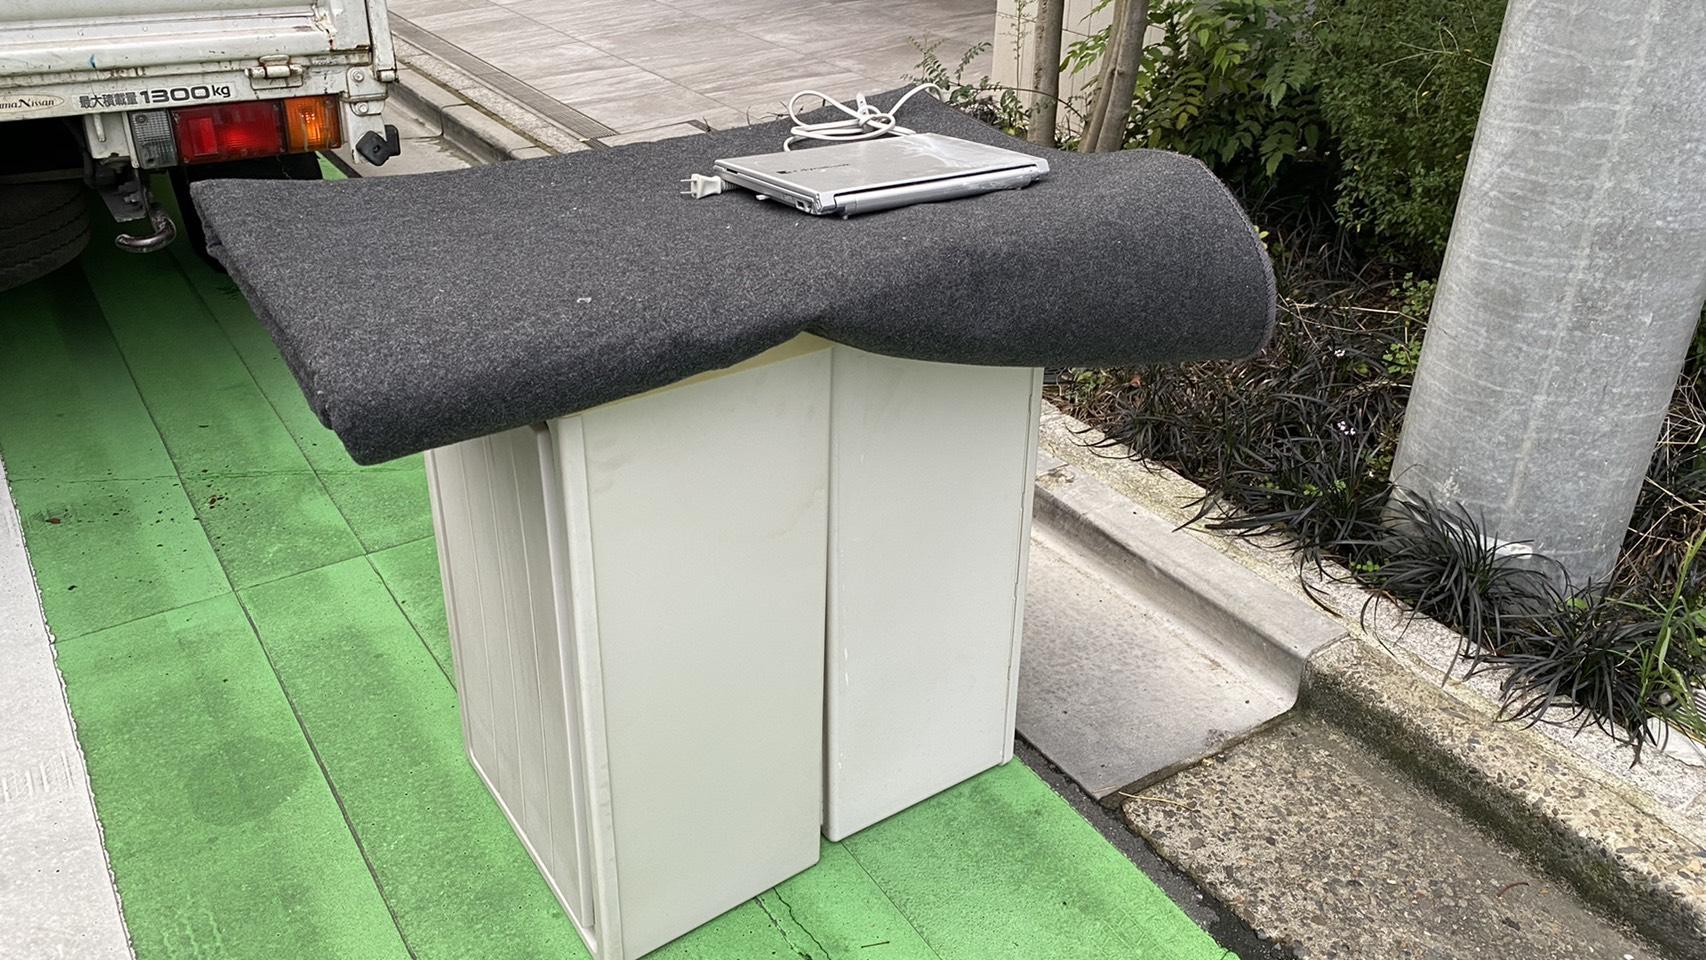 収納ボックス、カーペット、パソコンの回収前